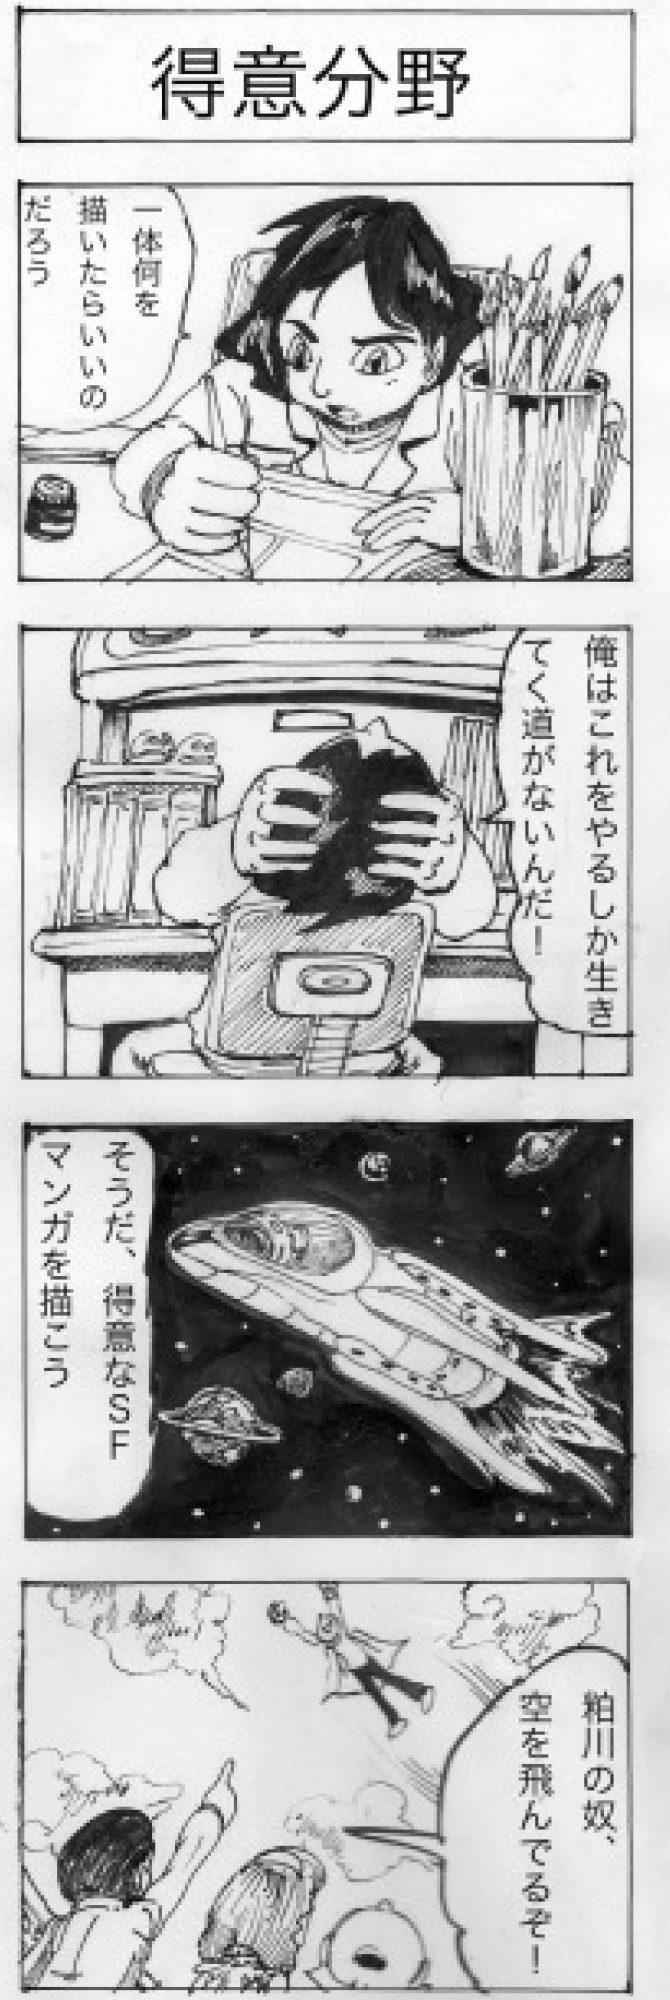 四コマ漫画劇場008